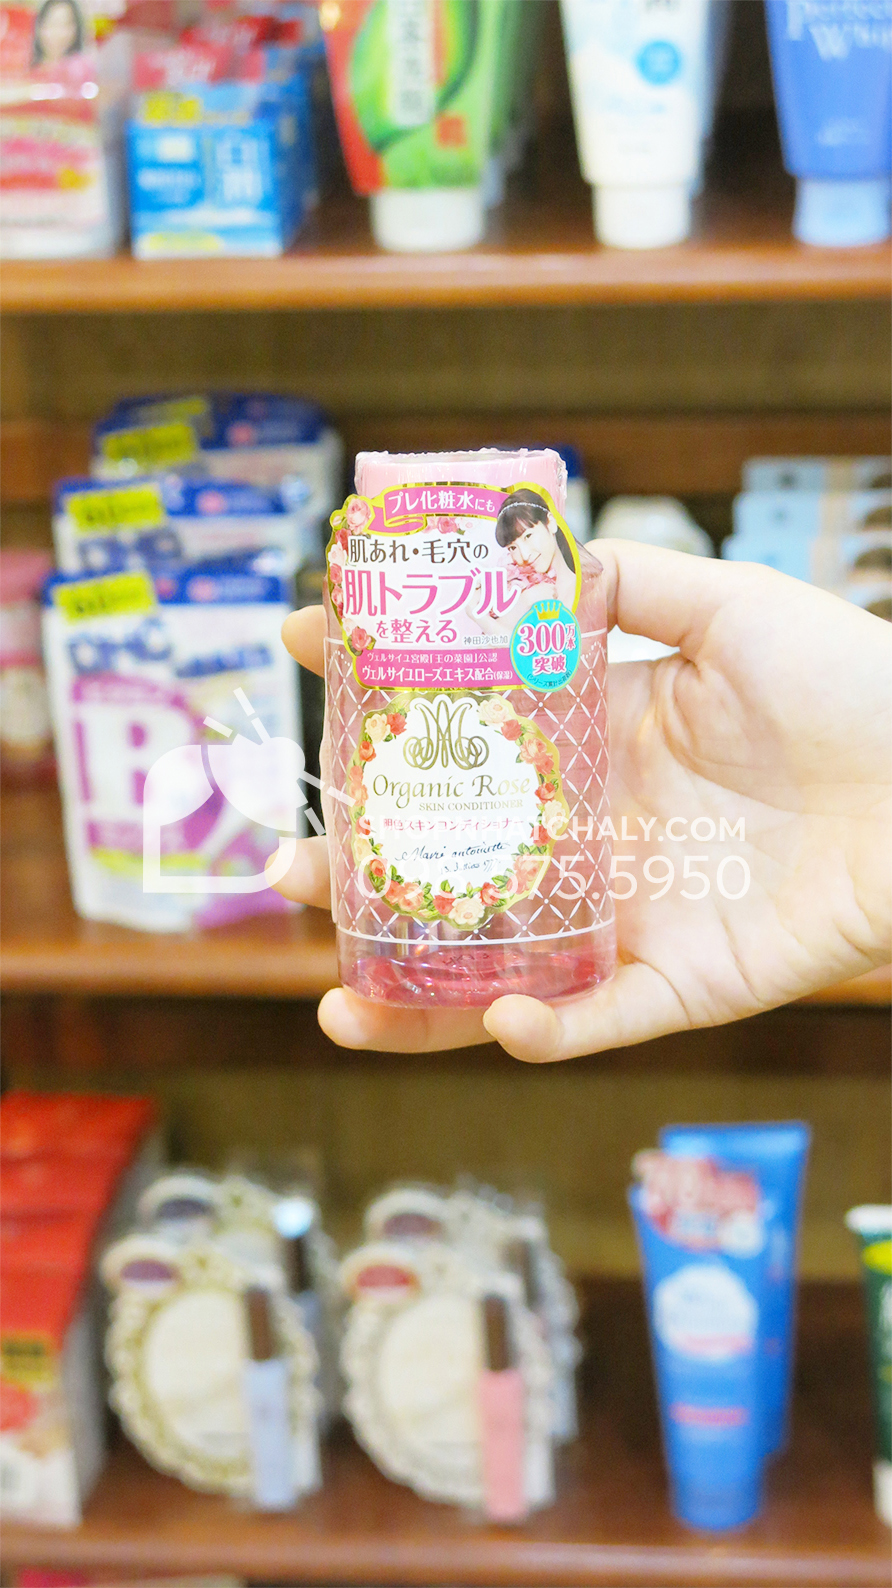 Nước hoa hồng Organic Rose Meishoku 200ml màu hồng dưỡng ẩm trên tay